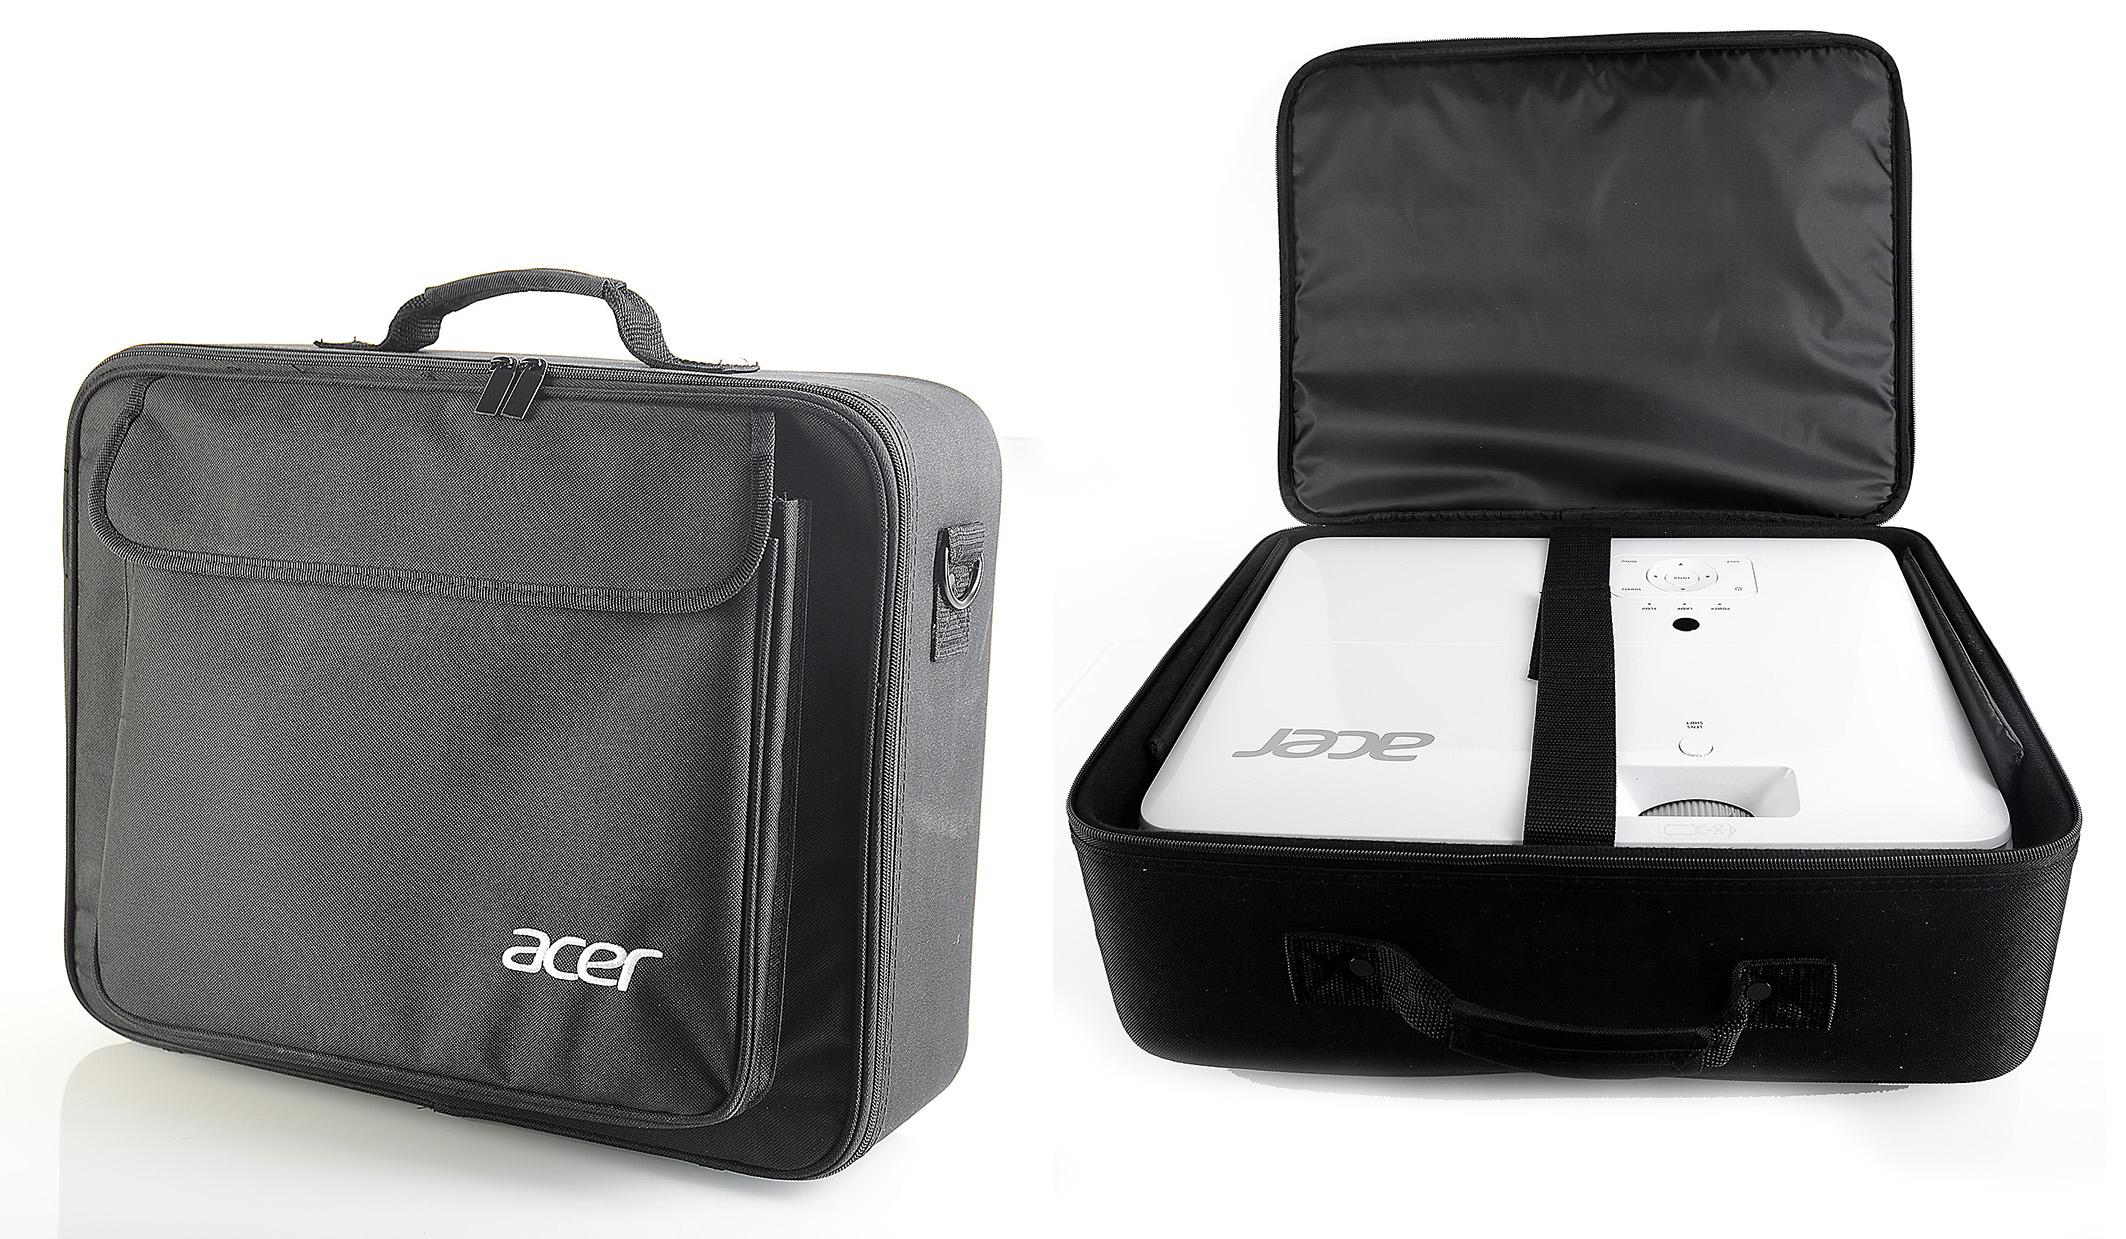 Foto: Michael B. Rehders - Die schwarze Tragetasche sieht nicht nur schick aus, sie schützt den Acer V7850 zuverlässig auf dem Transport.